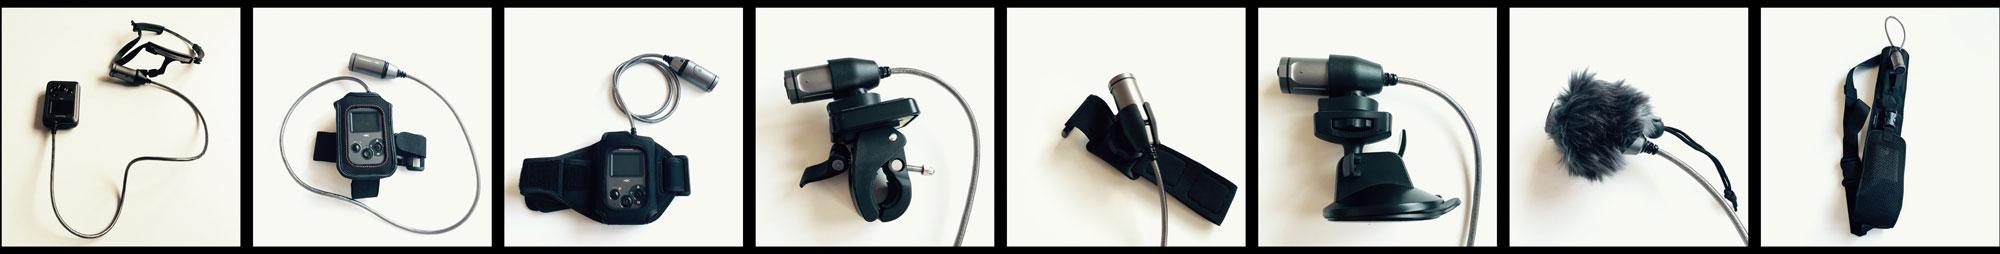 Accessoires compatibles et action cam Panasonic HX-A500, 12 2014. Ph. Moctar KANE.